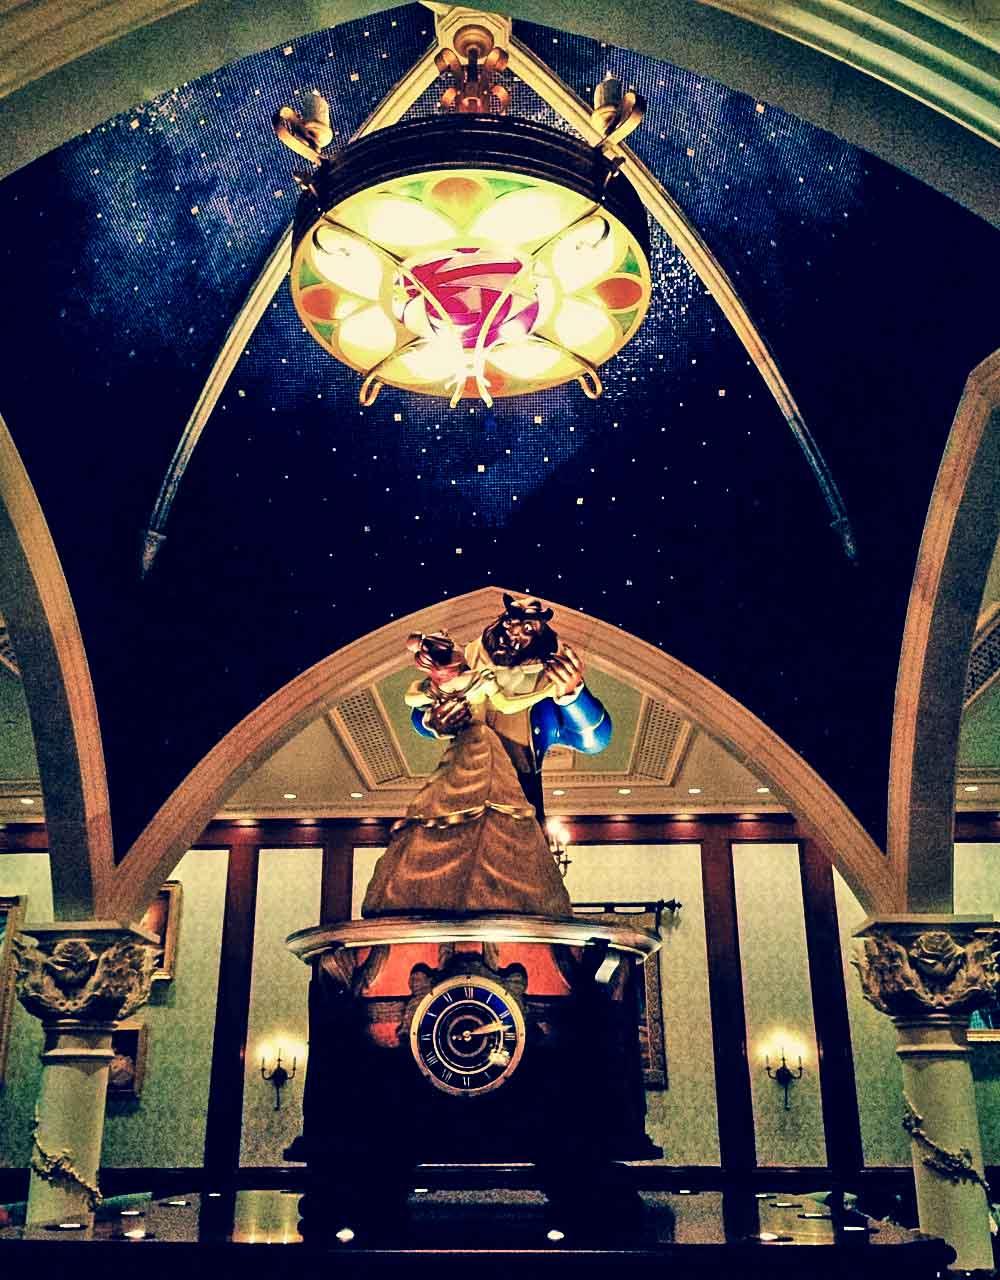 A Bela e A Fera dançando, dentro do Be Our Guest Restaurant